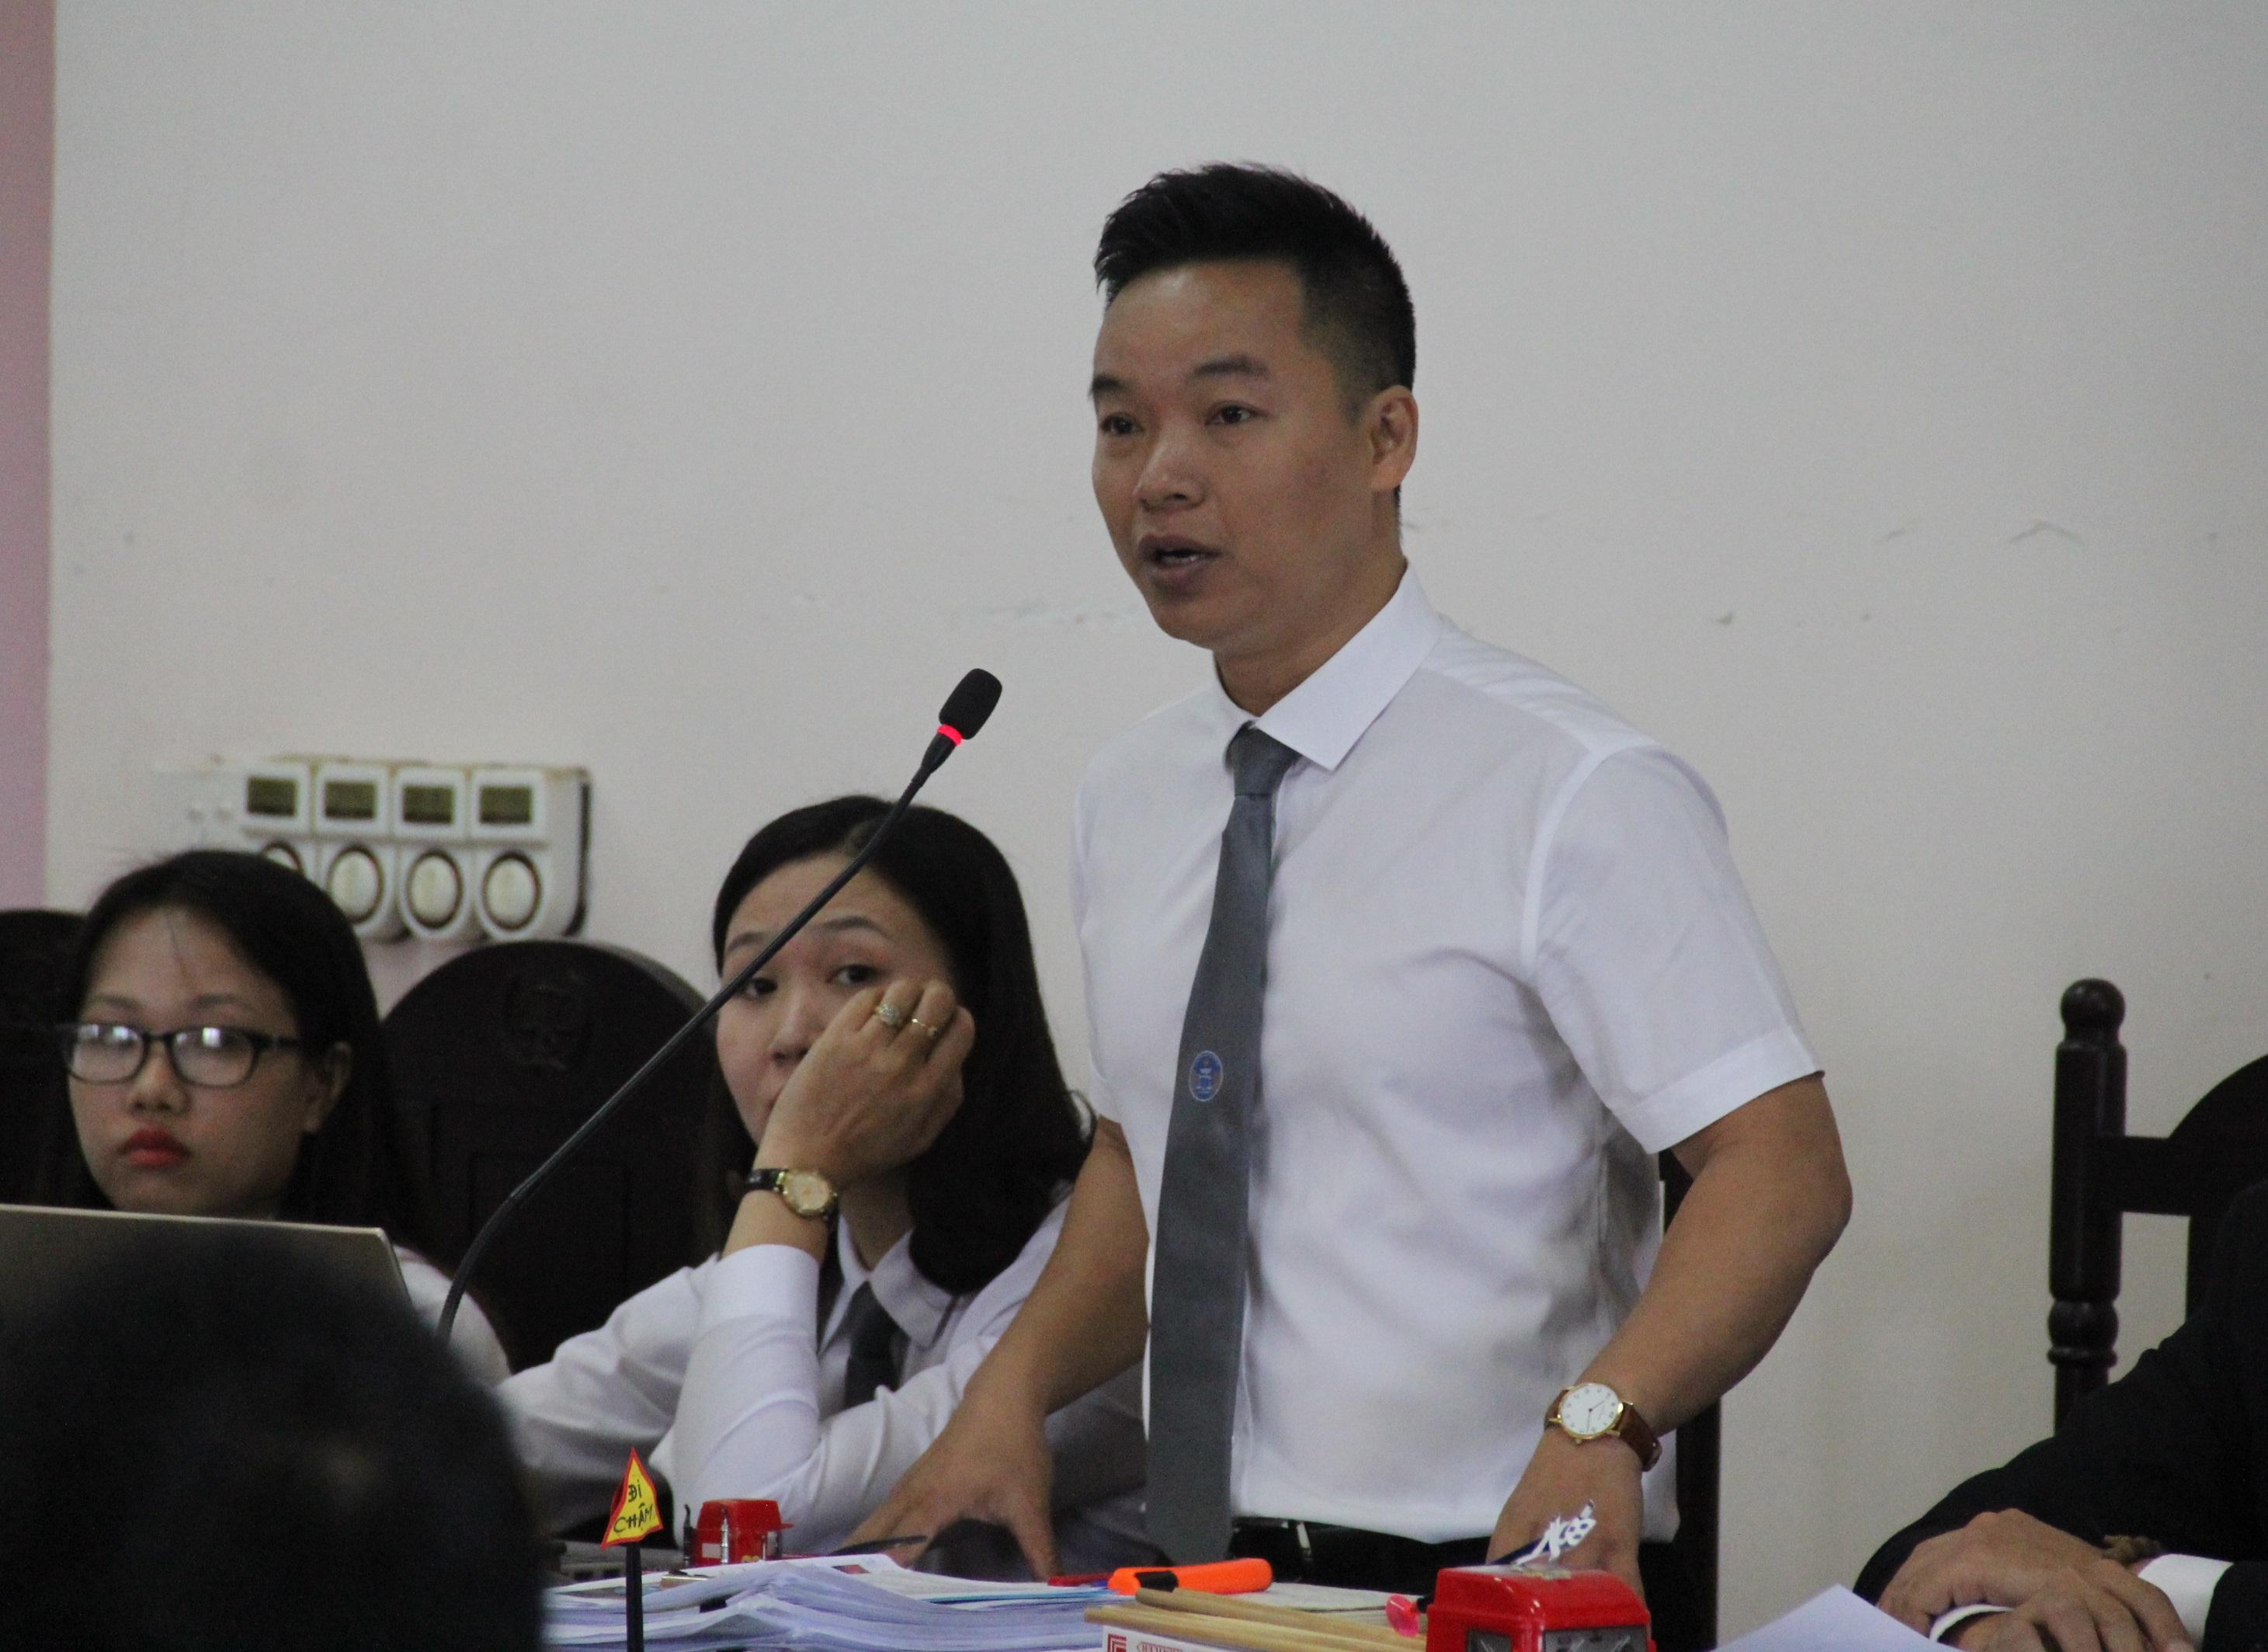 luật sư Thanh đề nghị HĐXX cho cấp sơ thẩm thực nghiệm điều tra lại vụ án này